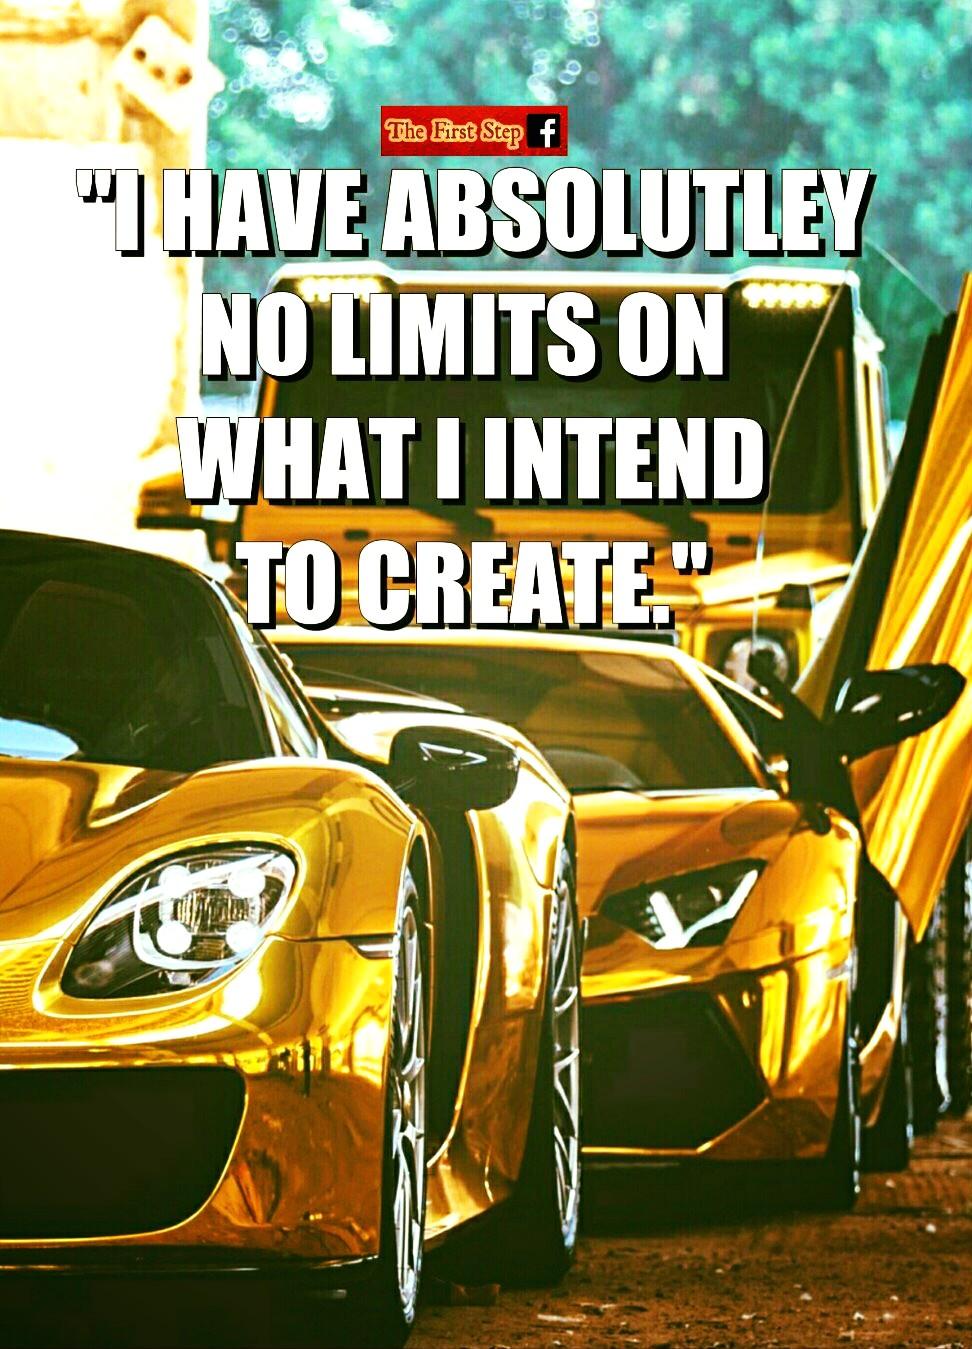 Quote (91)